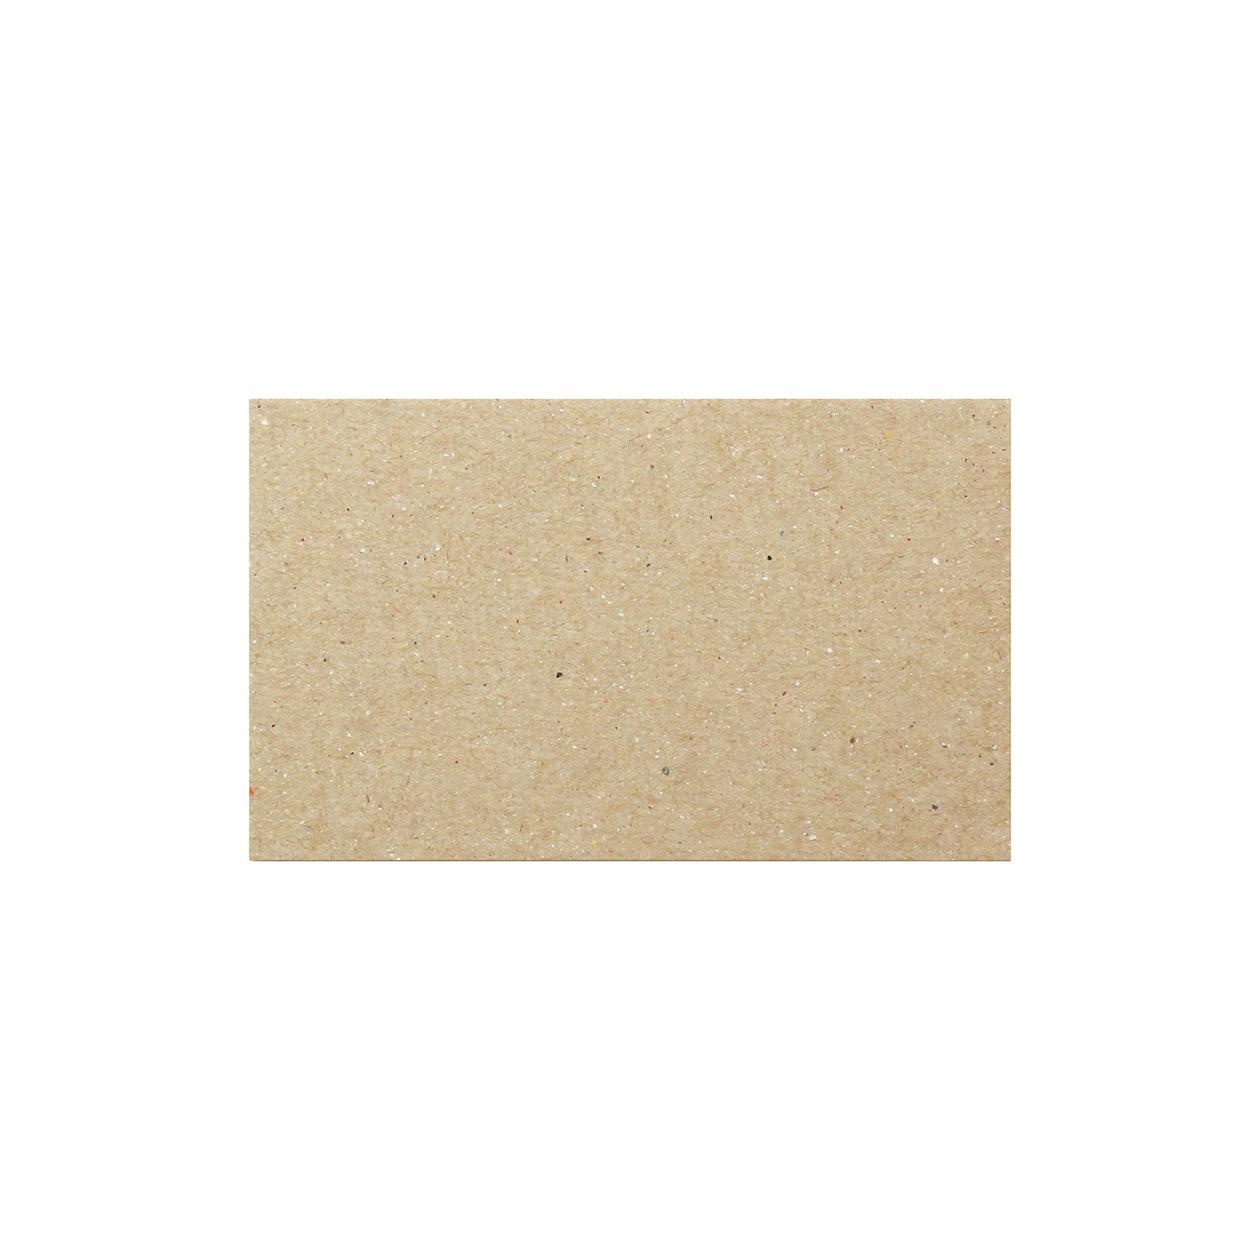 ネームカード ボード紙 サンド 460g